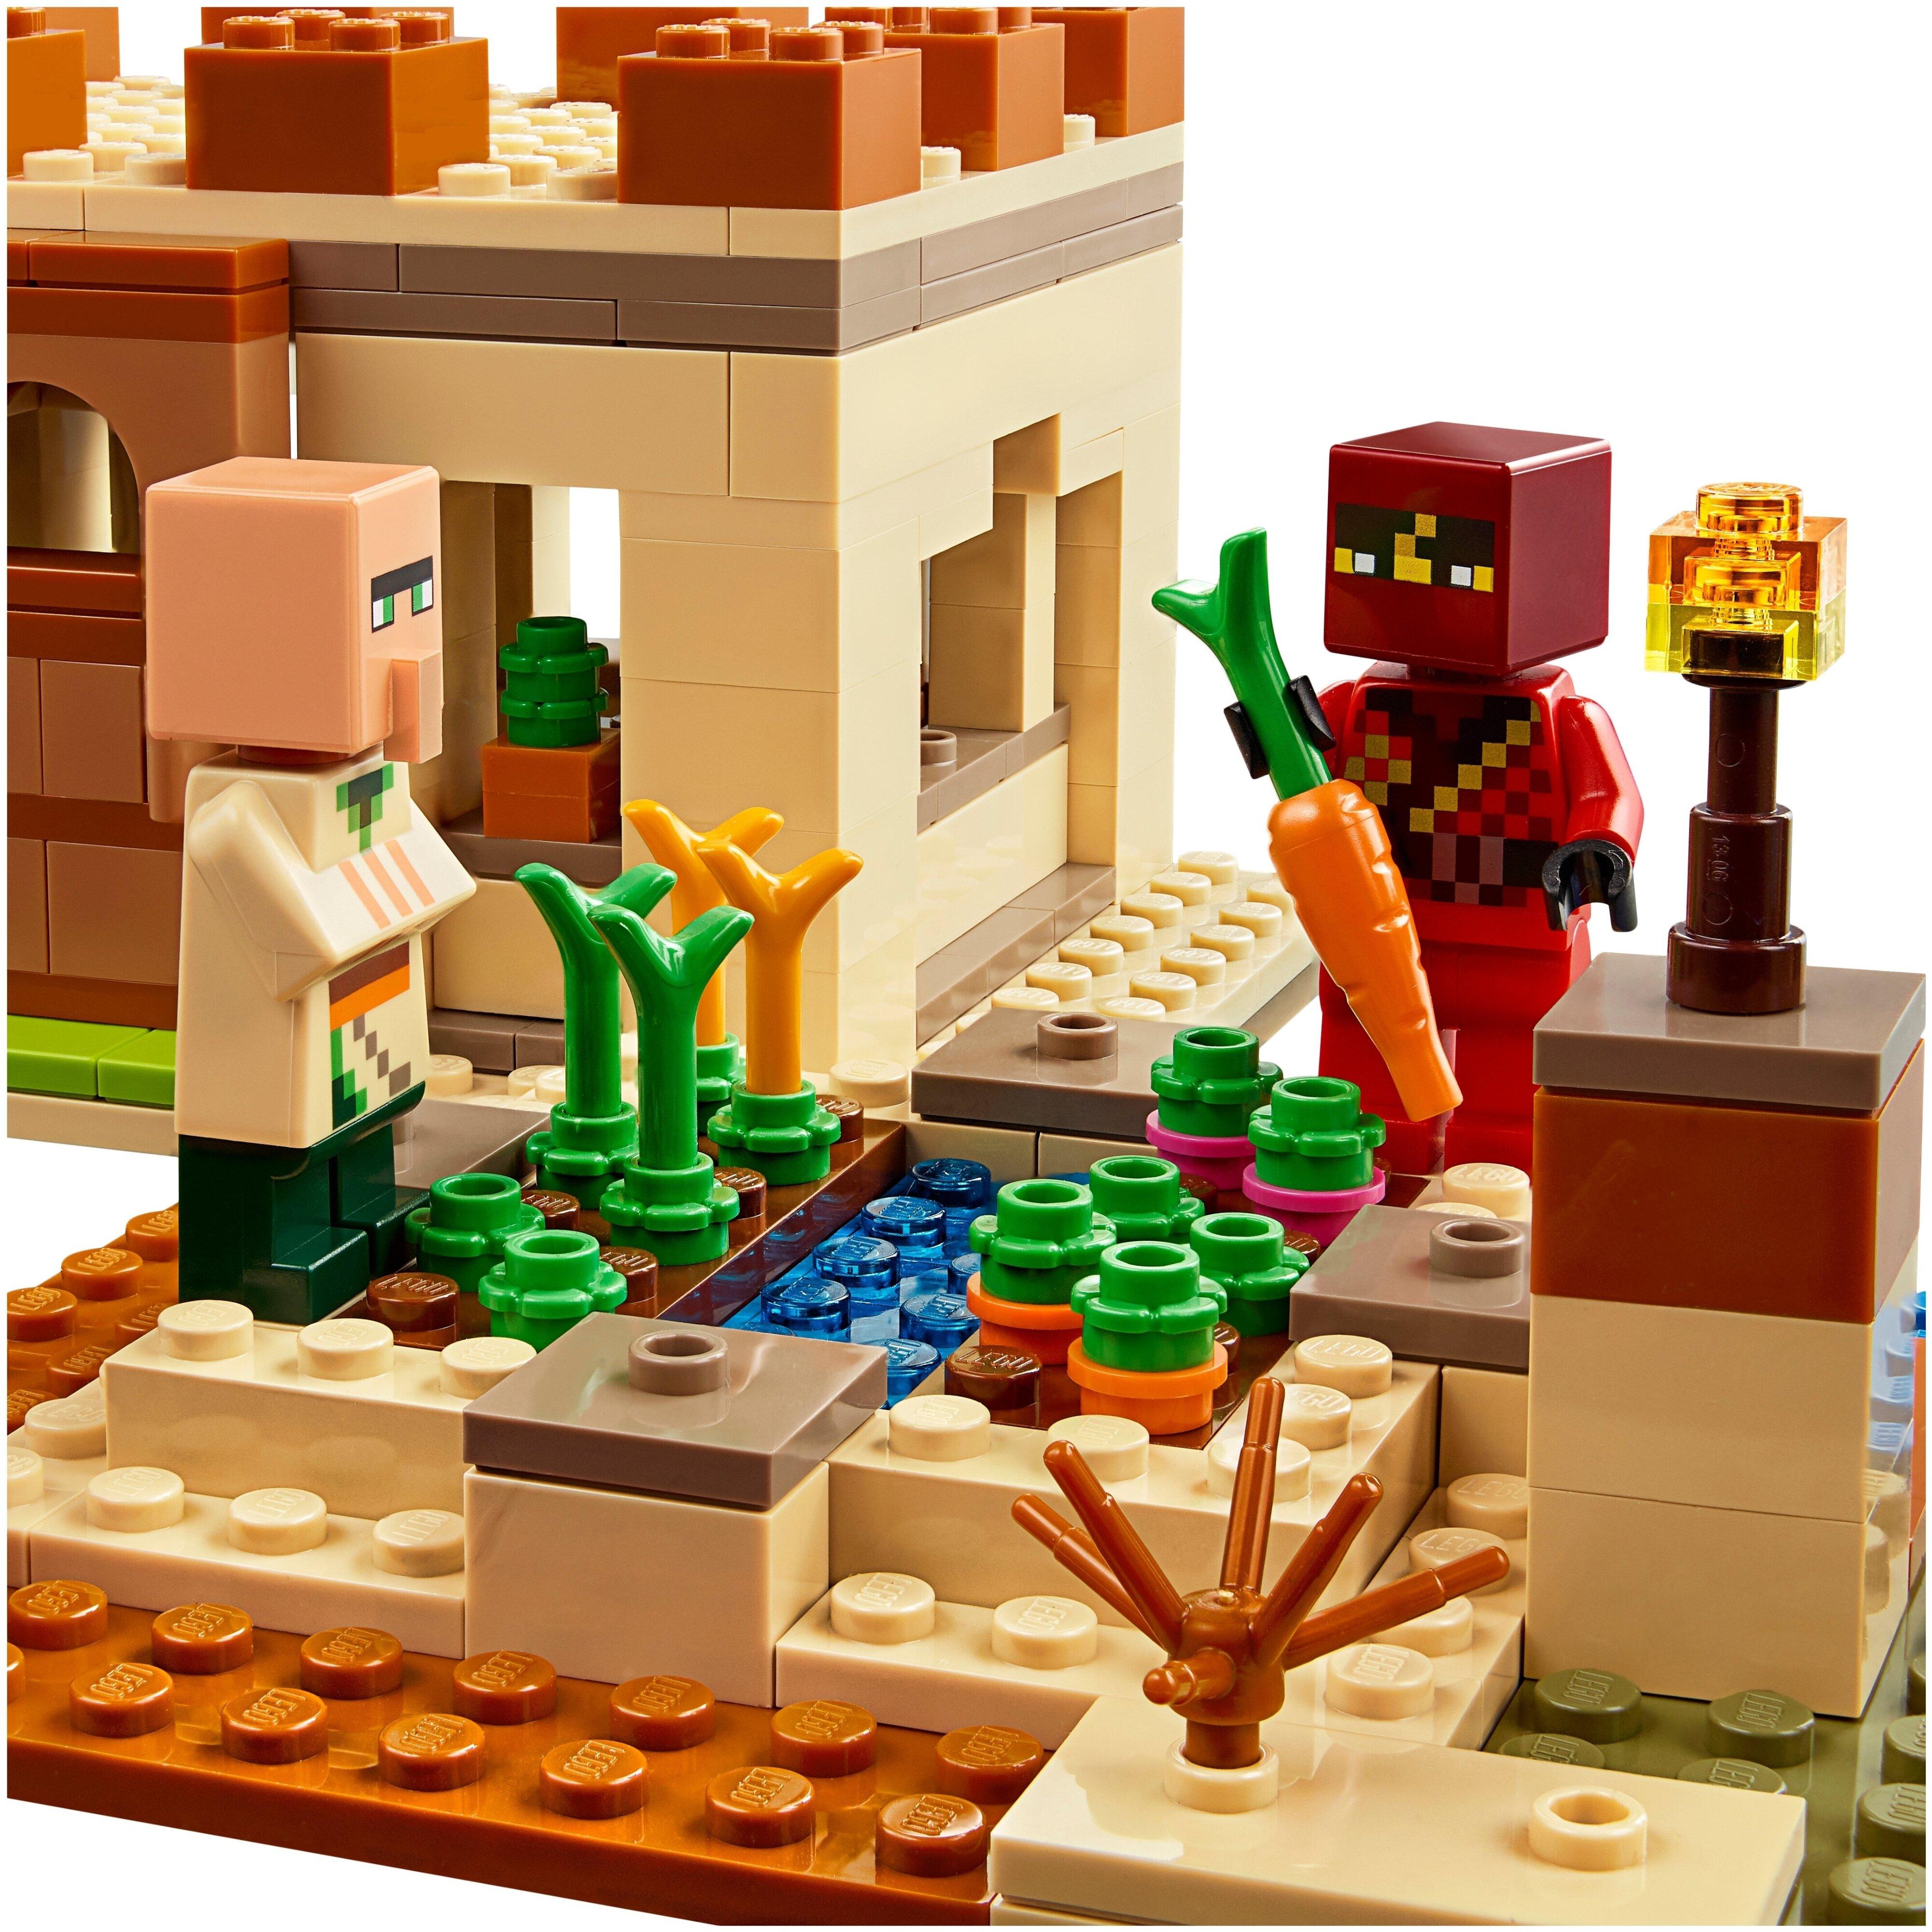 Майнкрафт аналог лего купить игрушки в москве